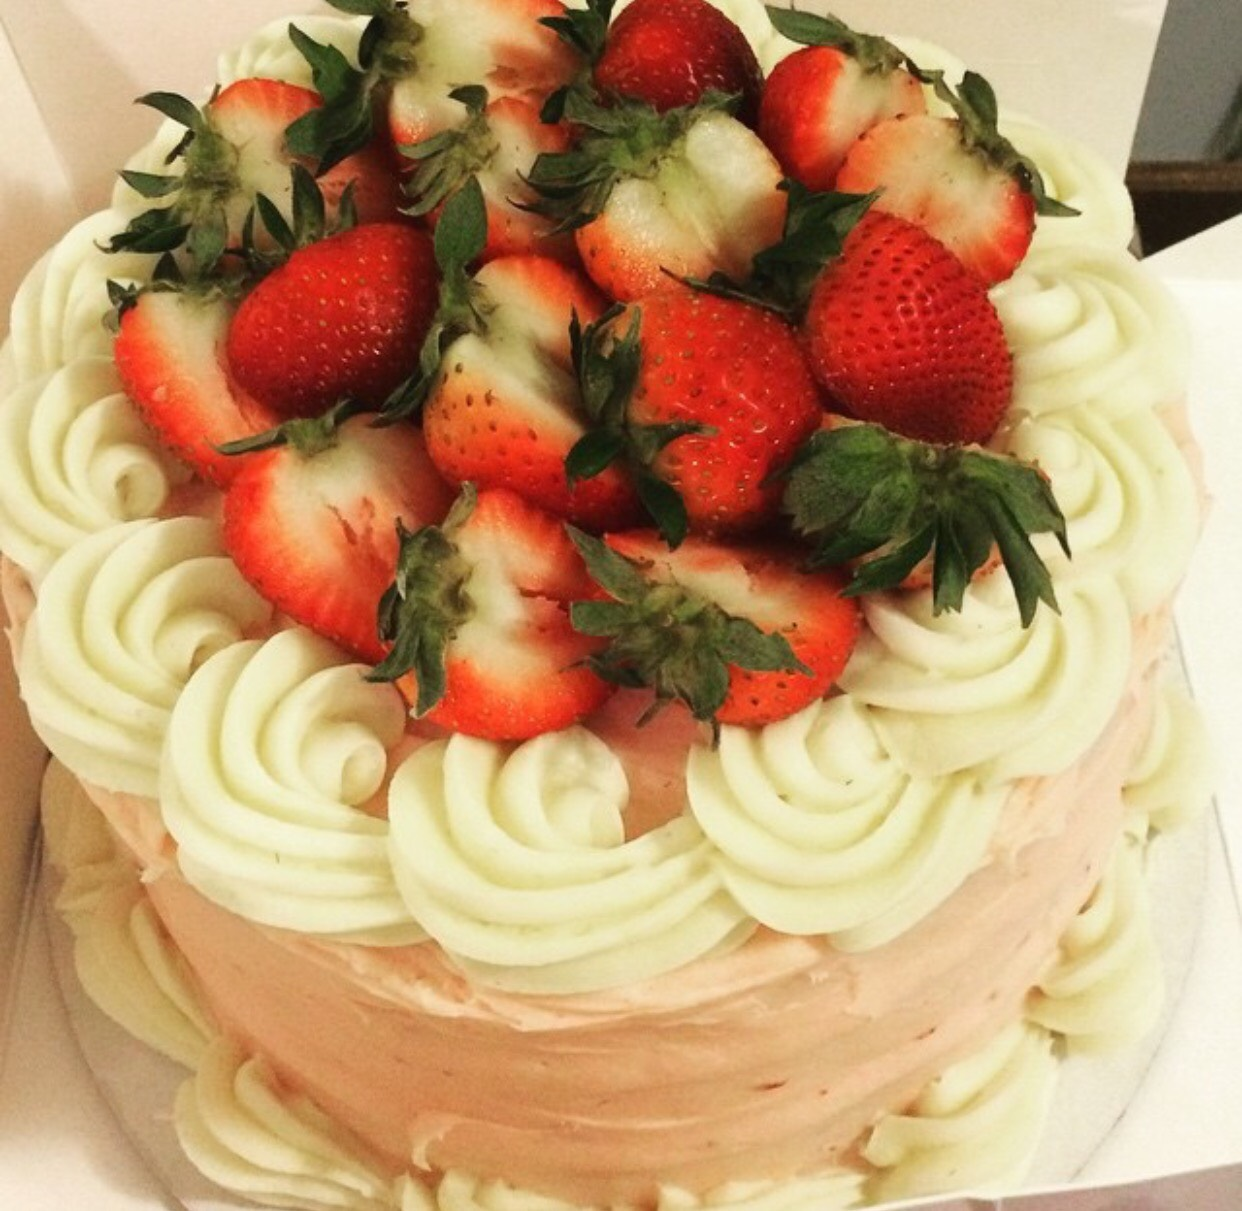 Round Layered Cake Image